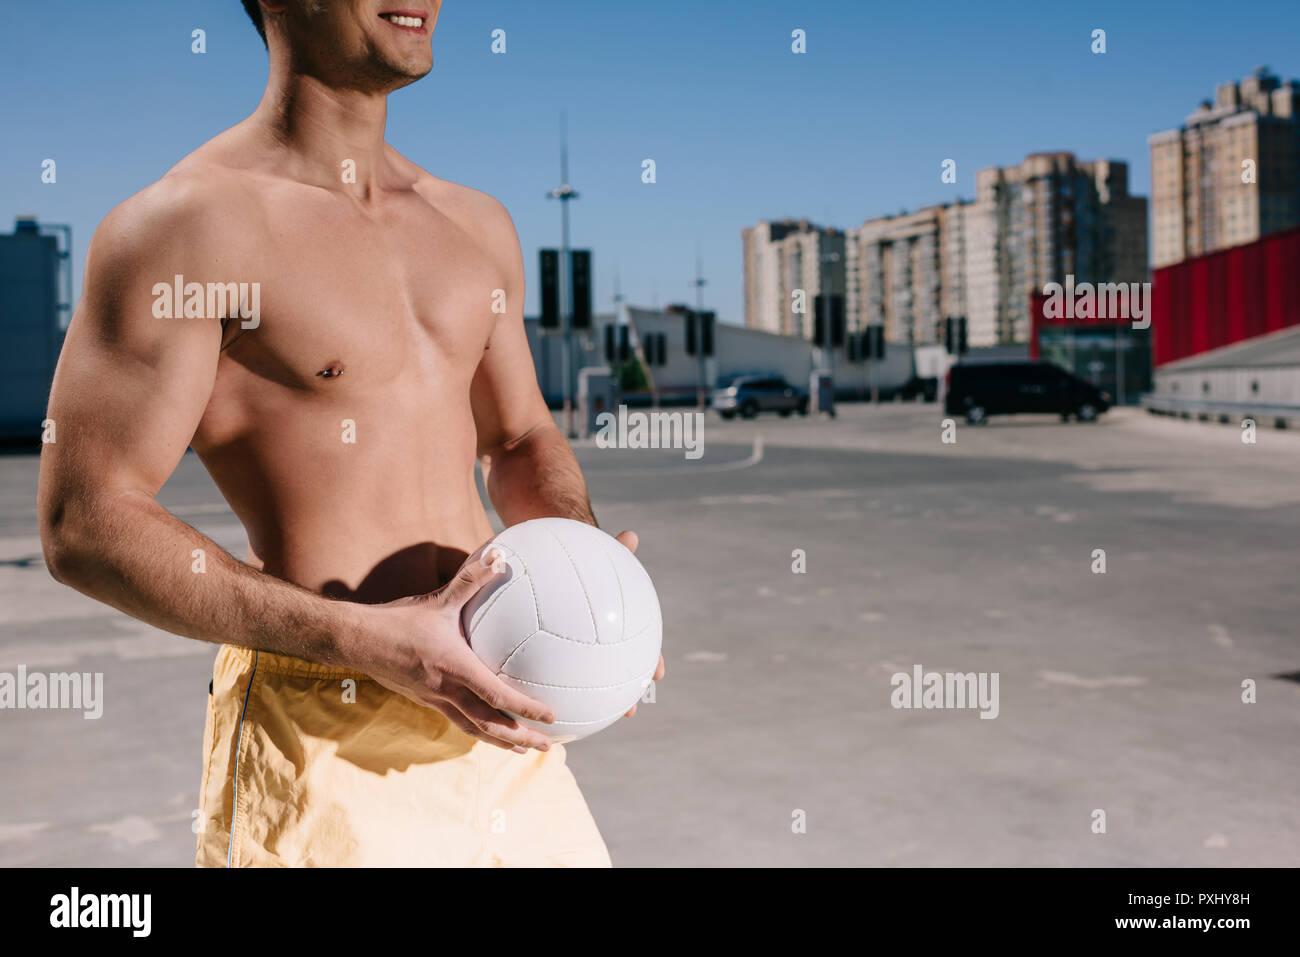 Captura recortada de jóvenes descamisados hombre sujetando voleibol ball en aparcamiento Imagen De Stock